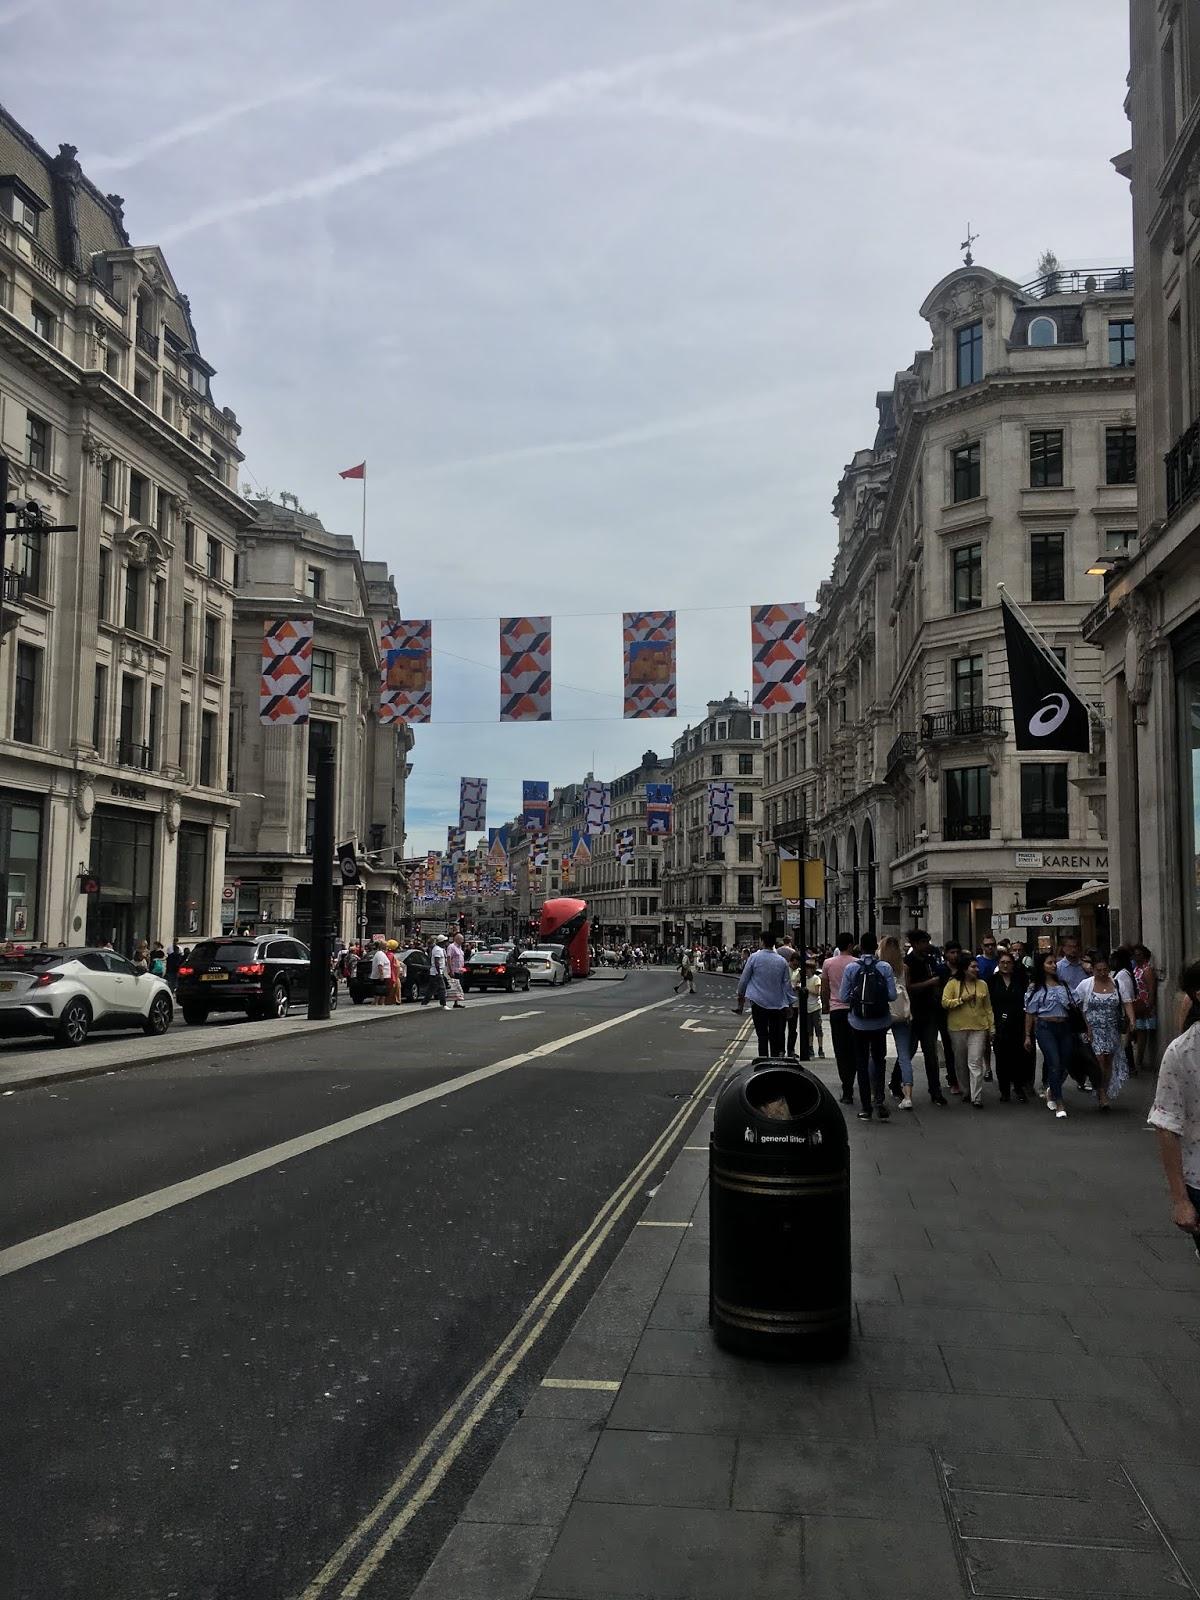 joulu lontoossa 2018 Riitta Esther: Juhannus Lontoossa joulu lontoossa 2018